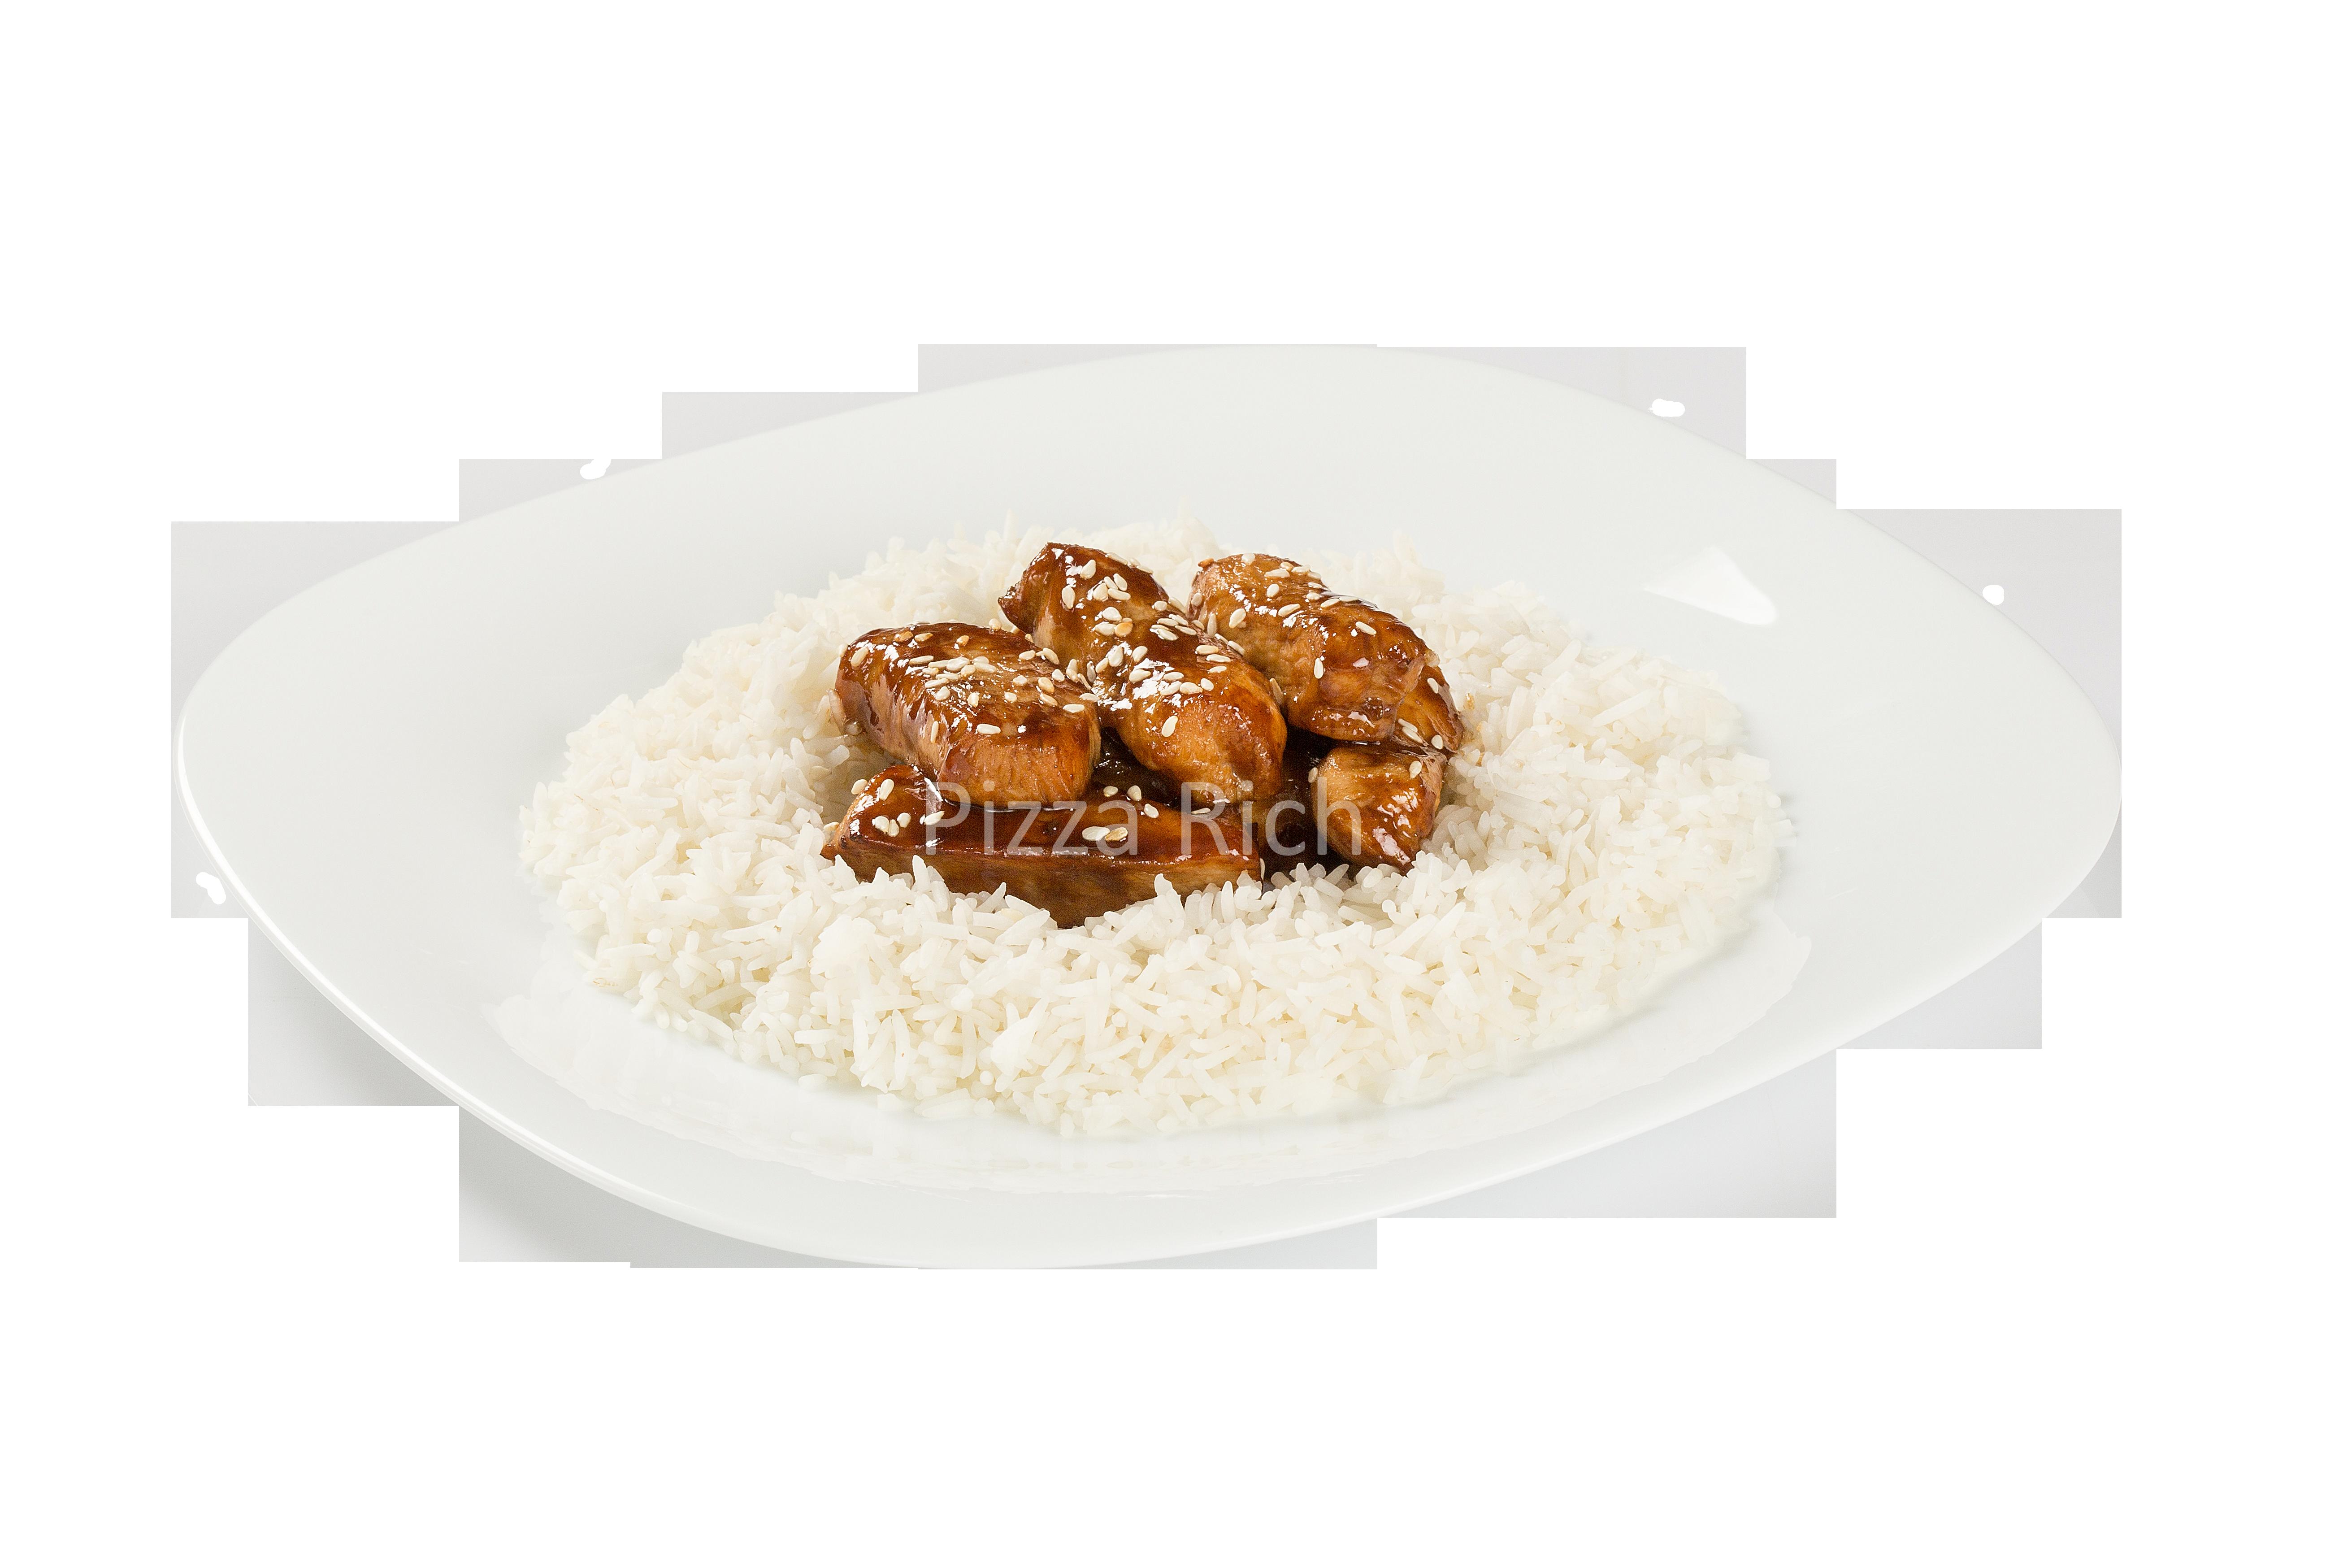 Куриные желудочки с рисом под соусом терияки - Сэголь 25